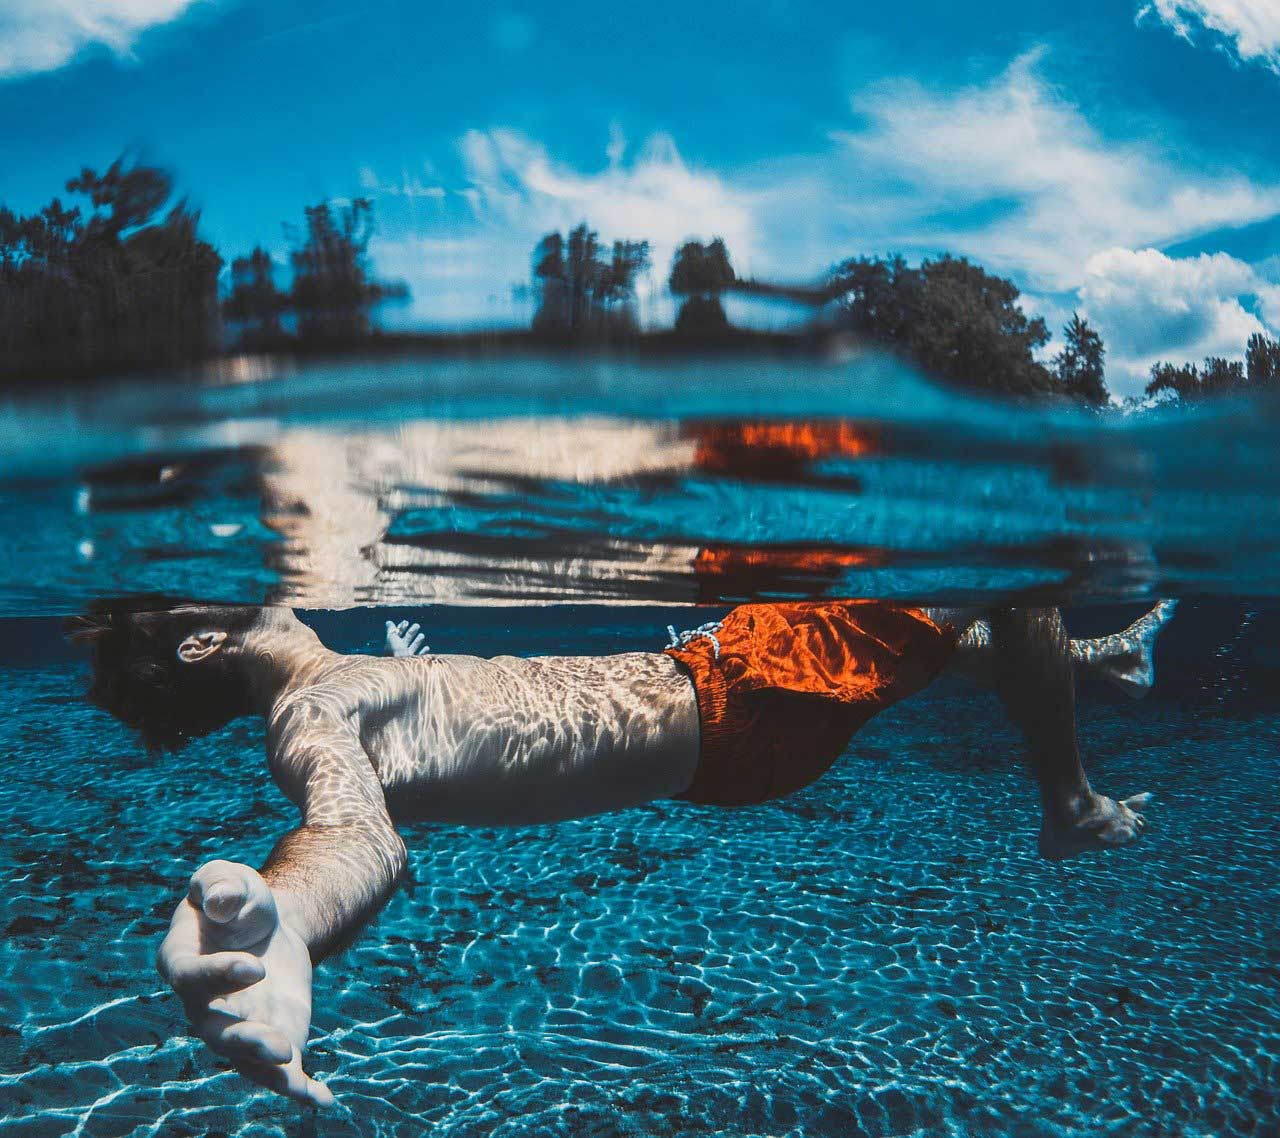 flotter dans l'eau